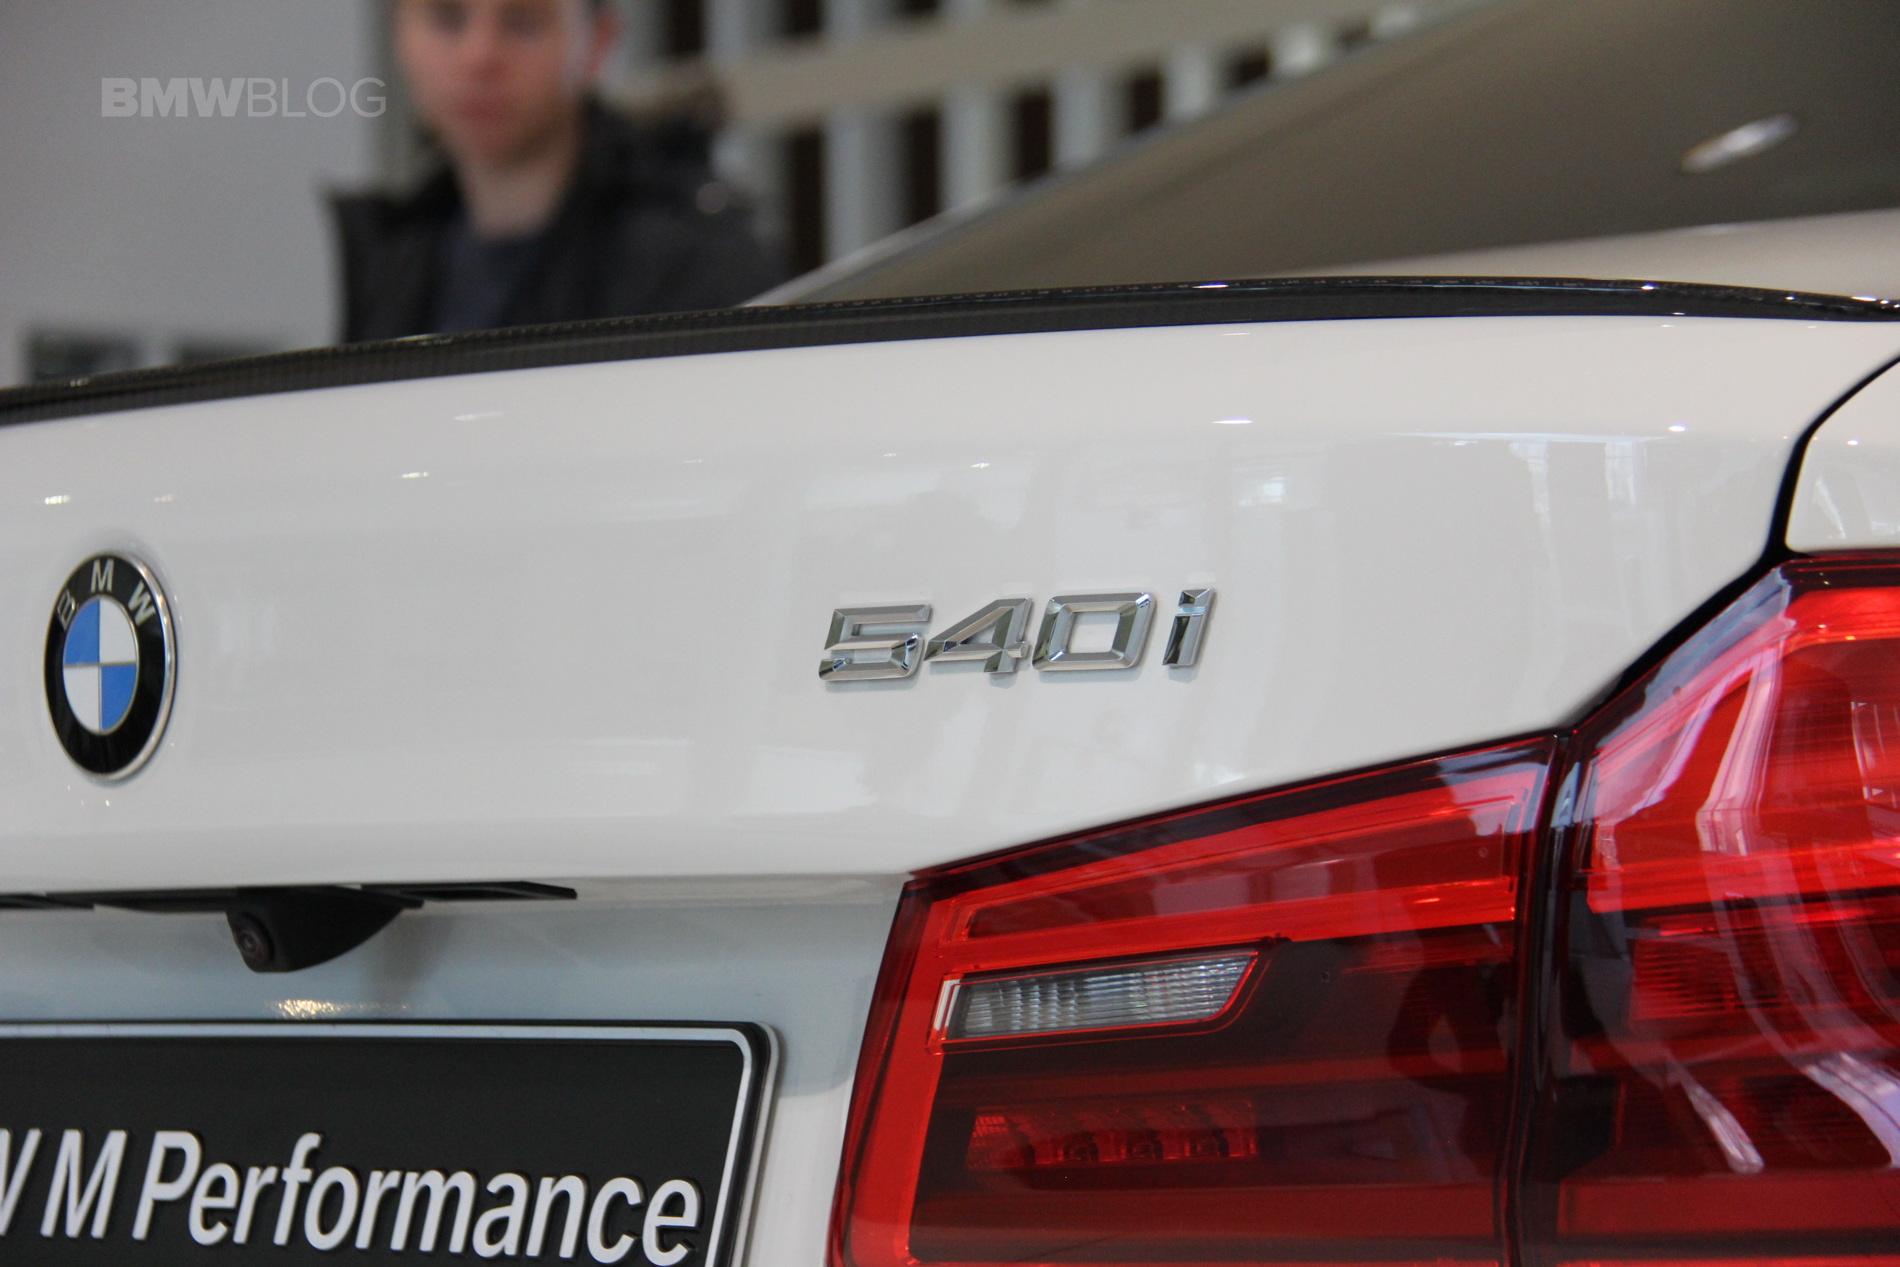 BMW Niederlassung Munich 06